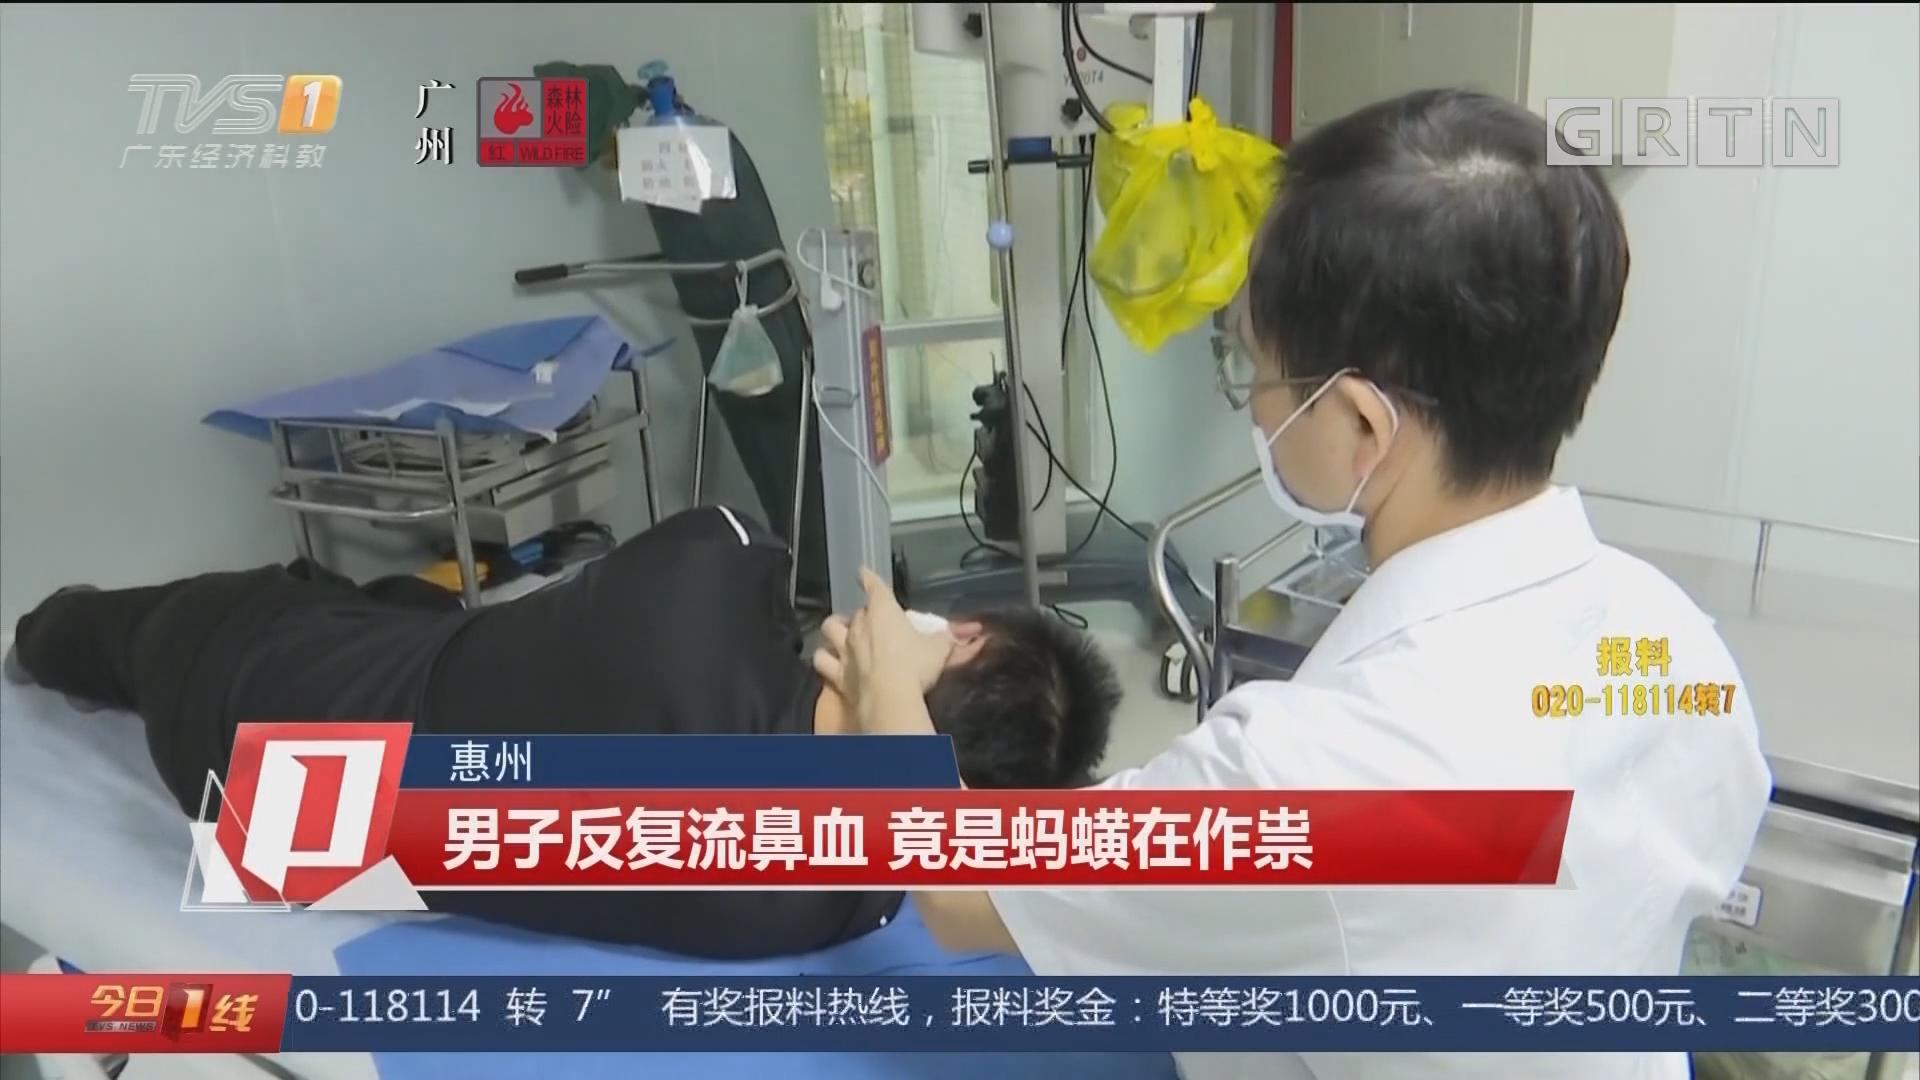 惠州:男子反复流鼻血 竟是蚂蟥在作祟